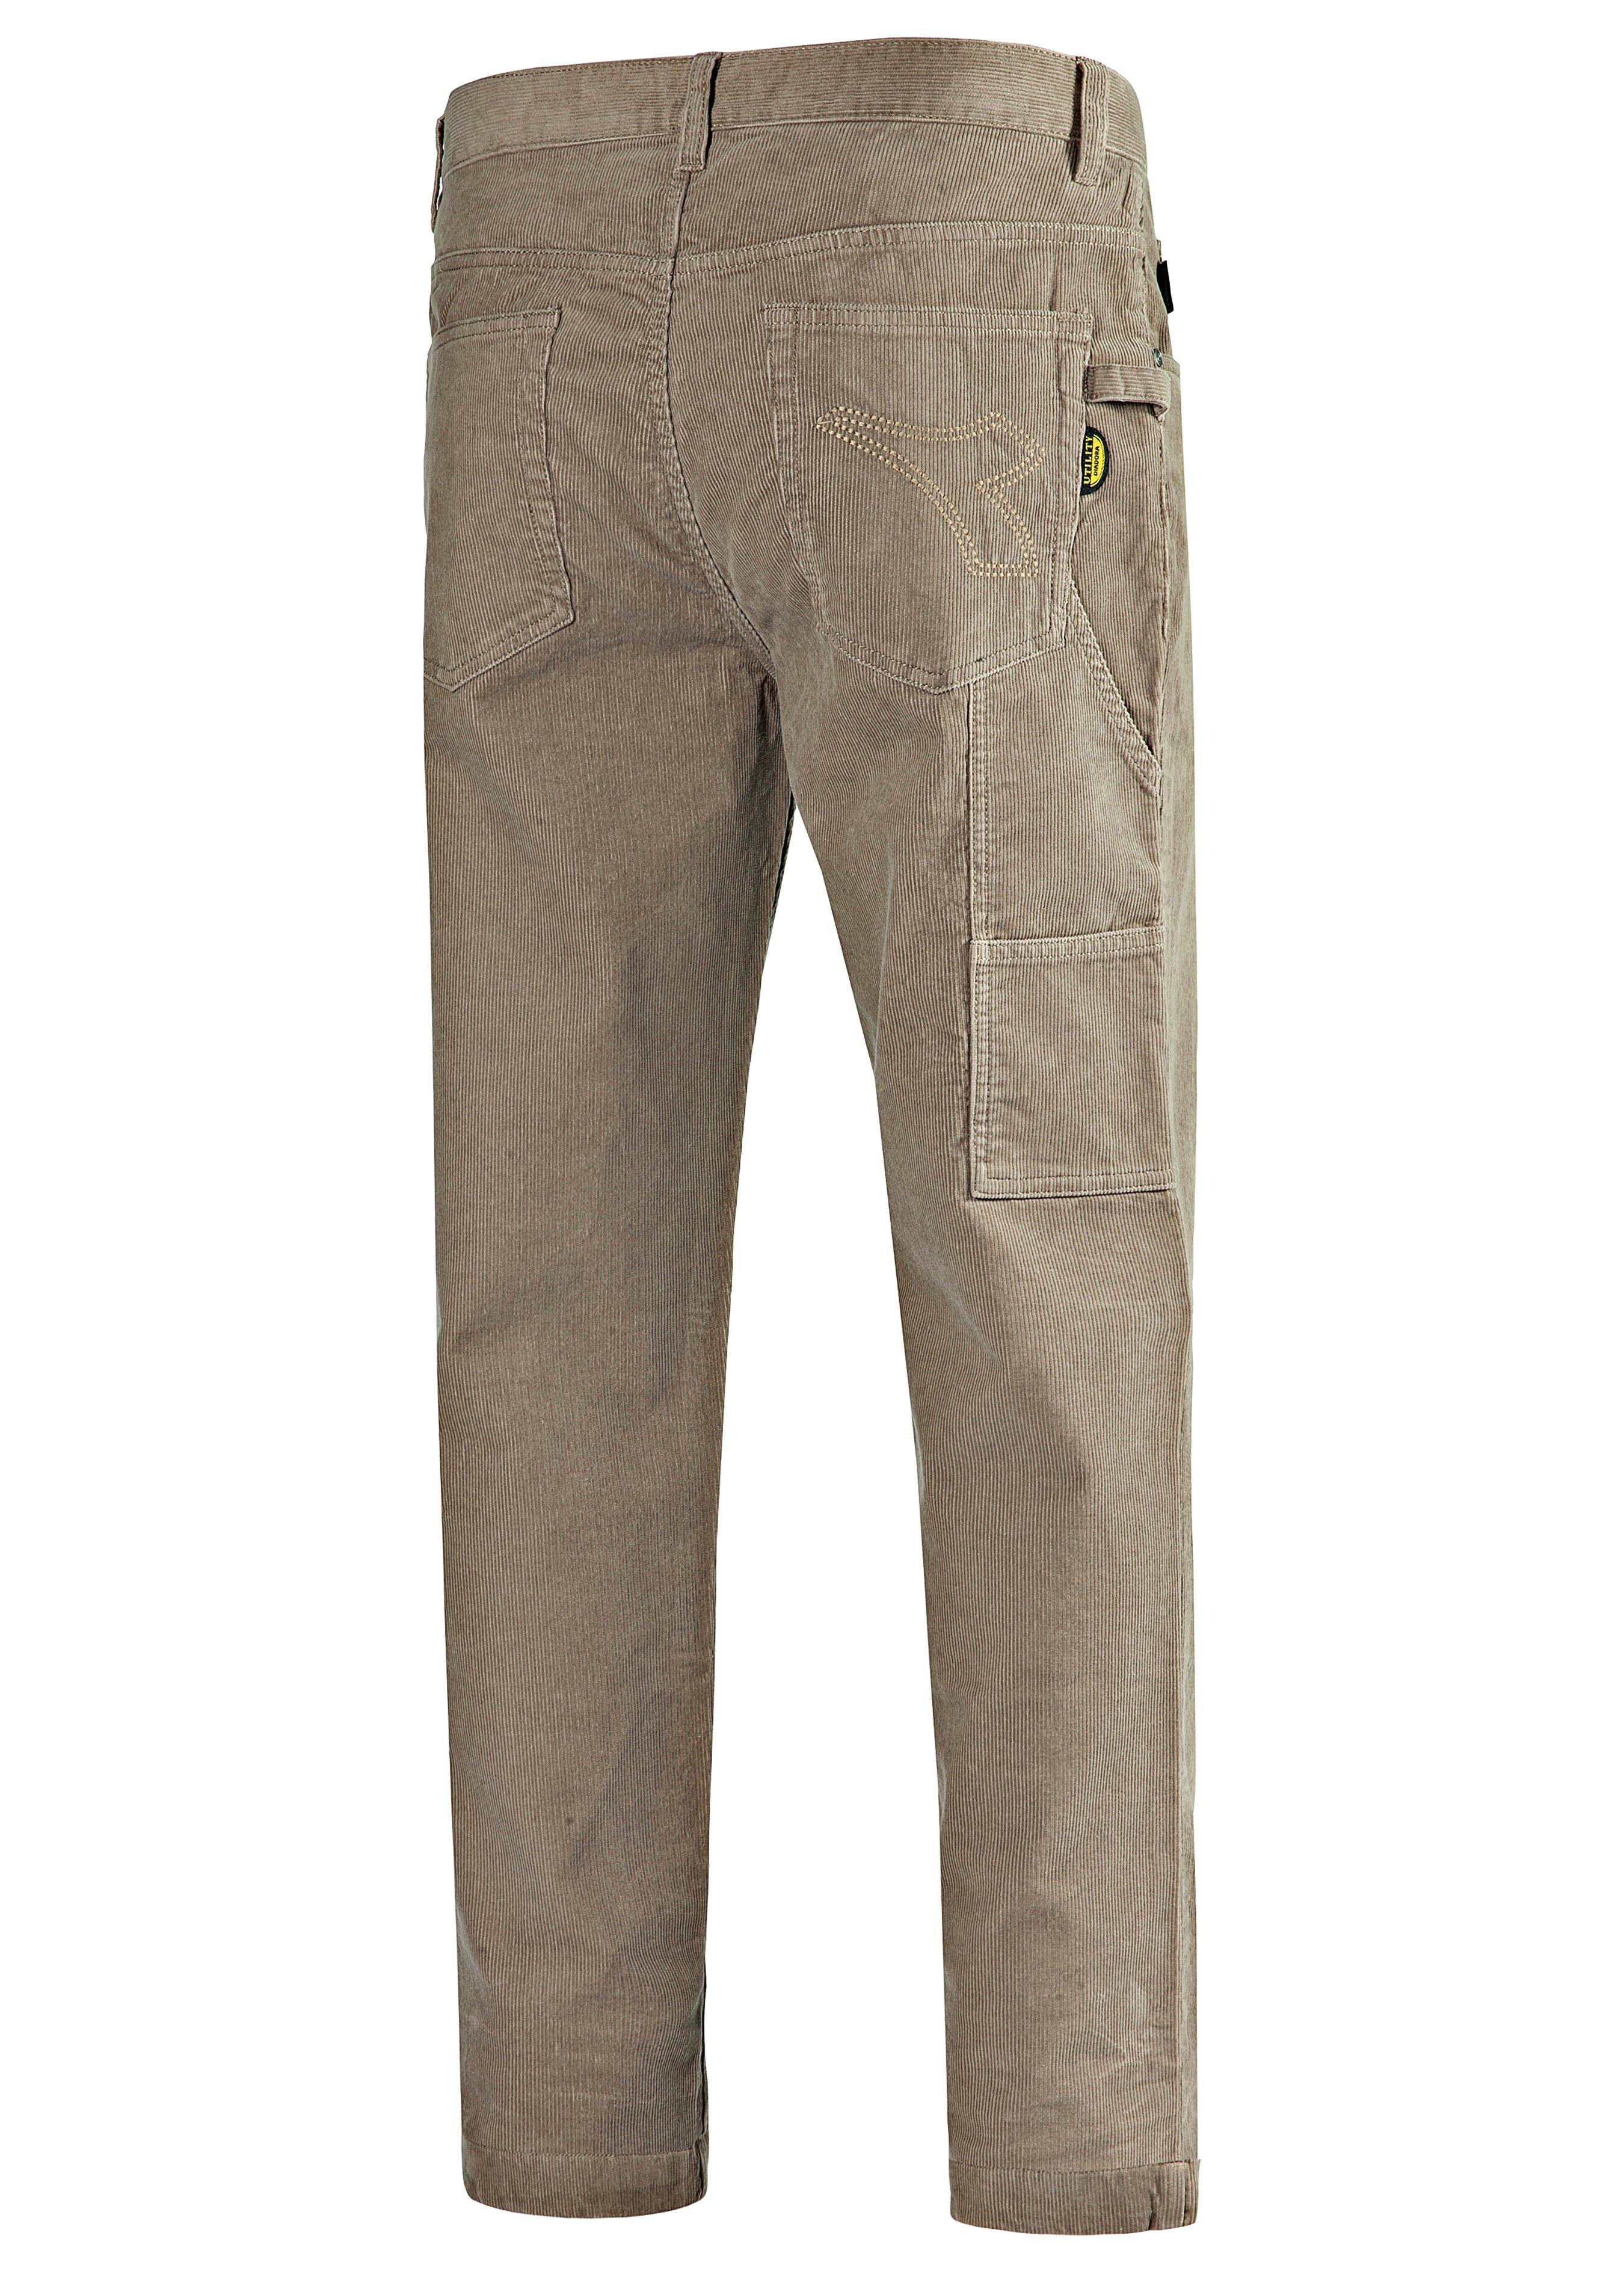 Pantalon en velours côtelé 5 poches 251717L 1